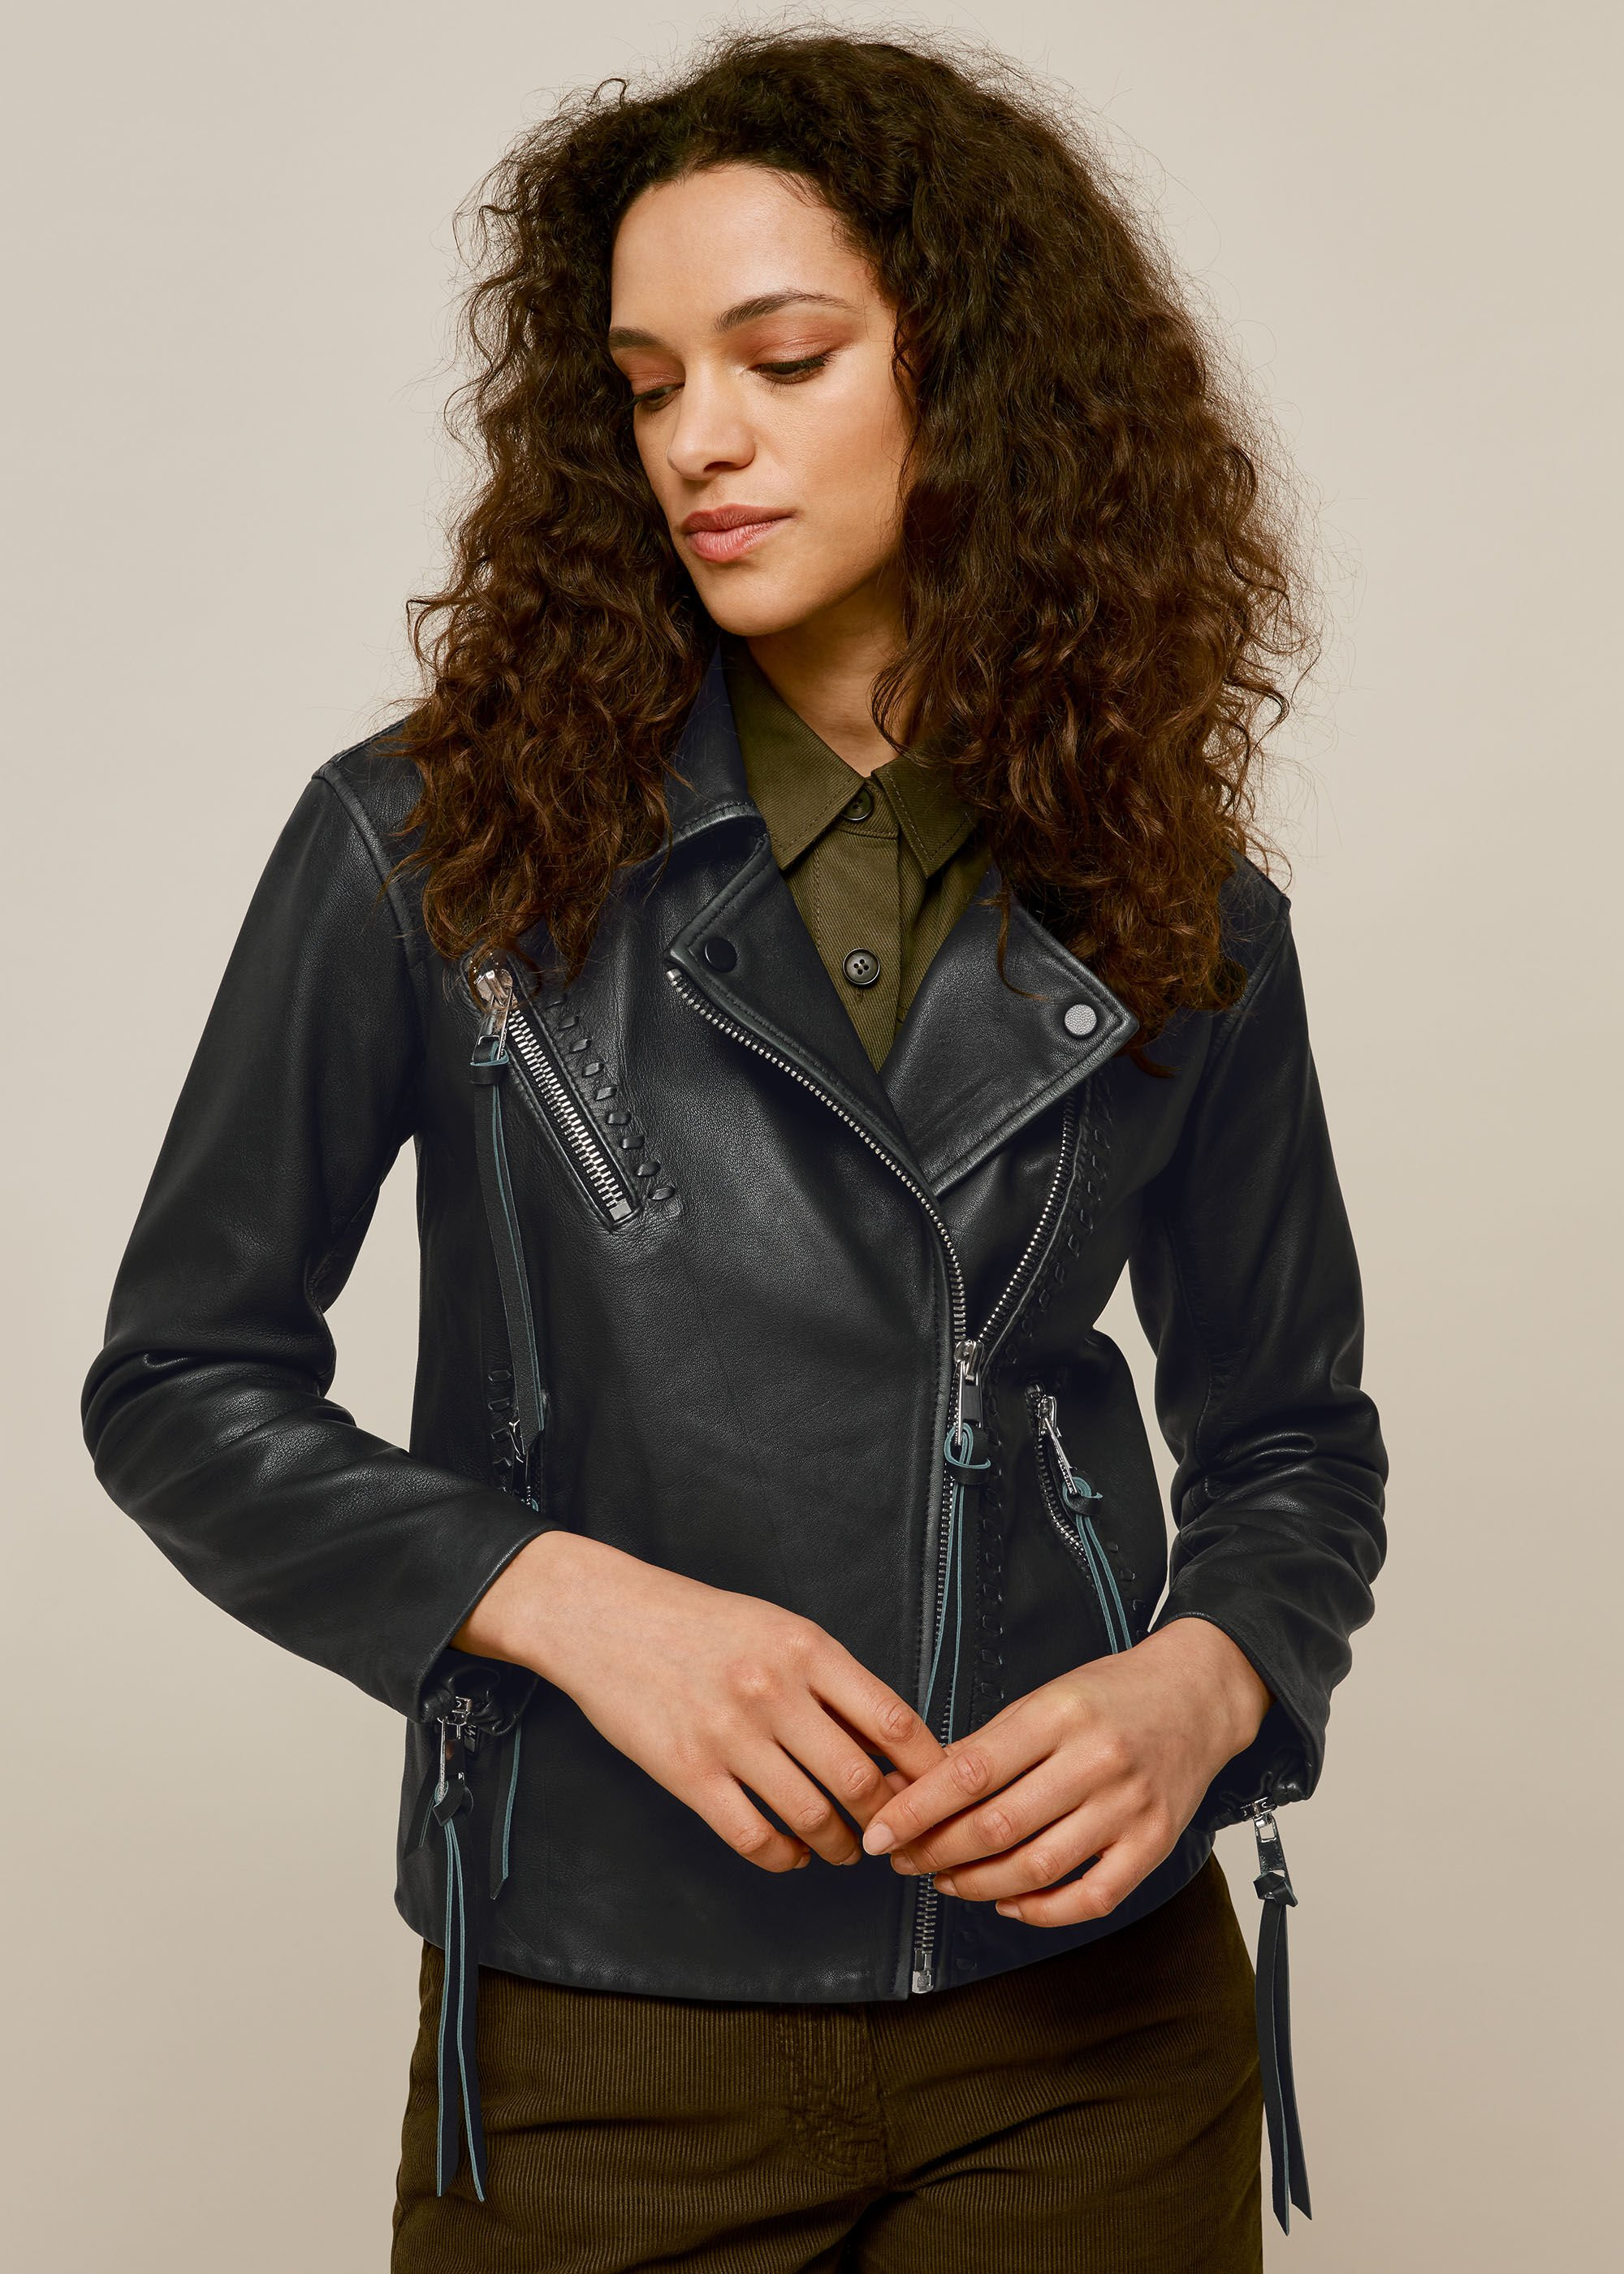 ABelal Genuine Leather Jacket Black